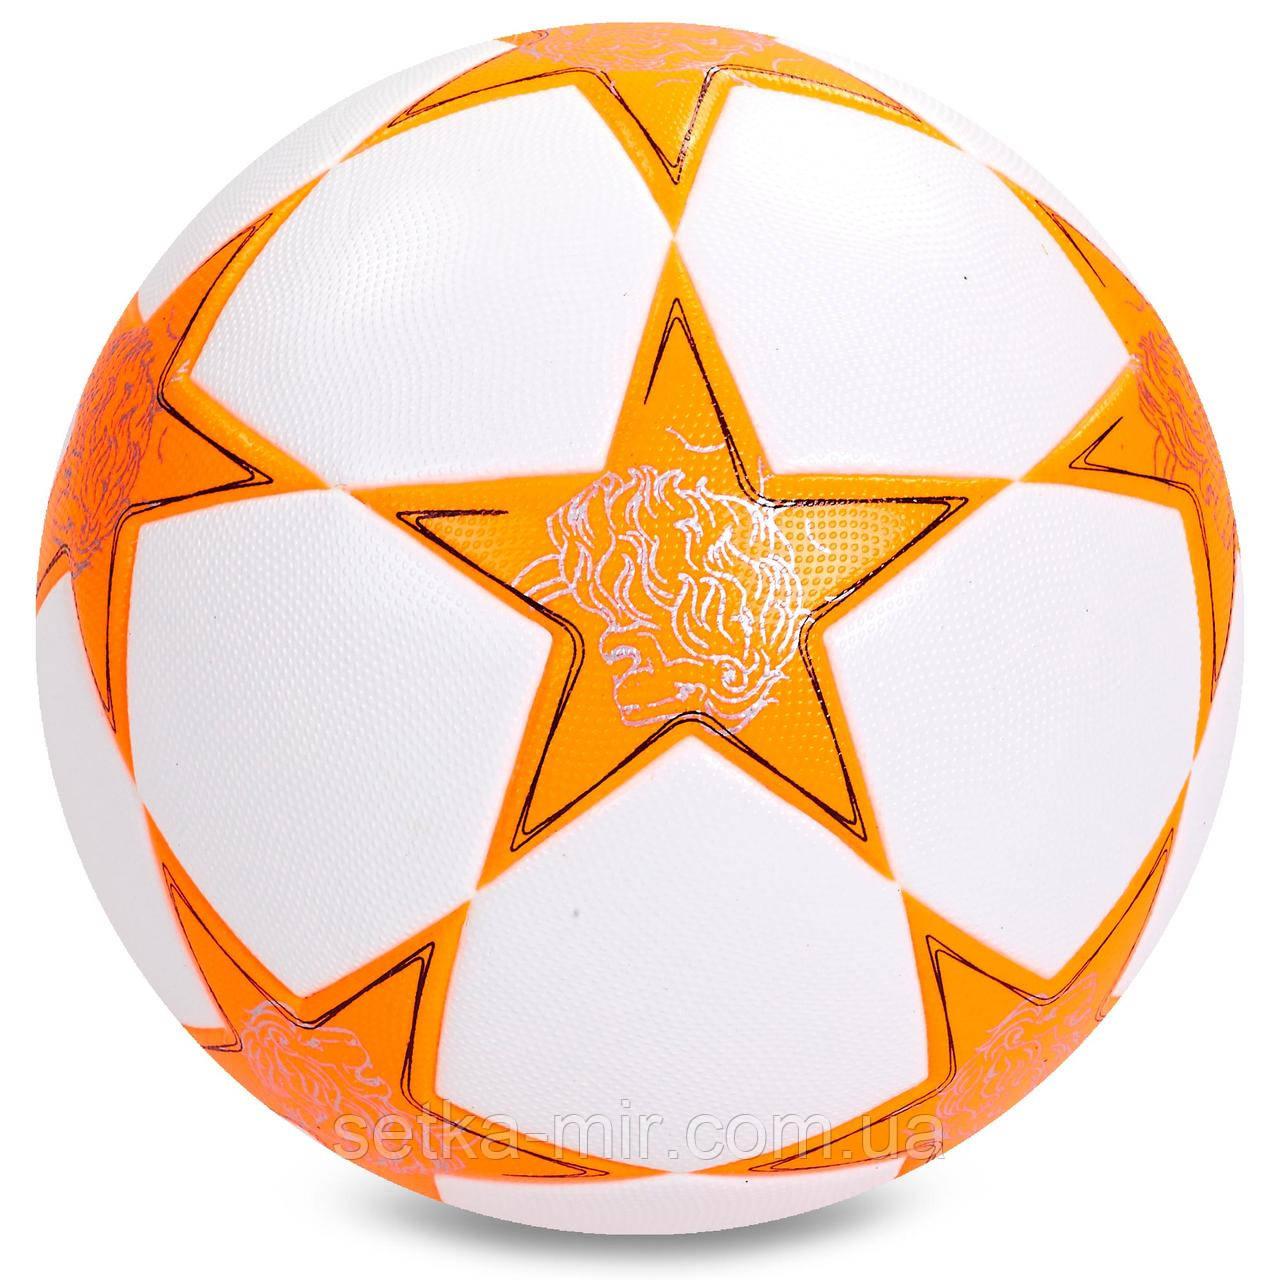 Мяч футбольный №5 PVC Клееный CHAMPIONS LEAGUE FB-5353, №5, 5 сл. цвета в ассорт., Оранжевый